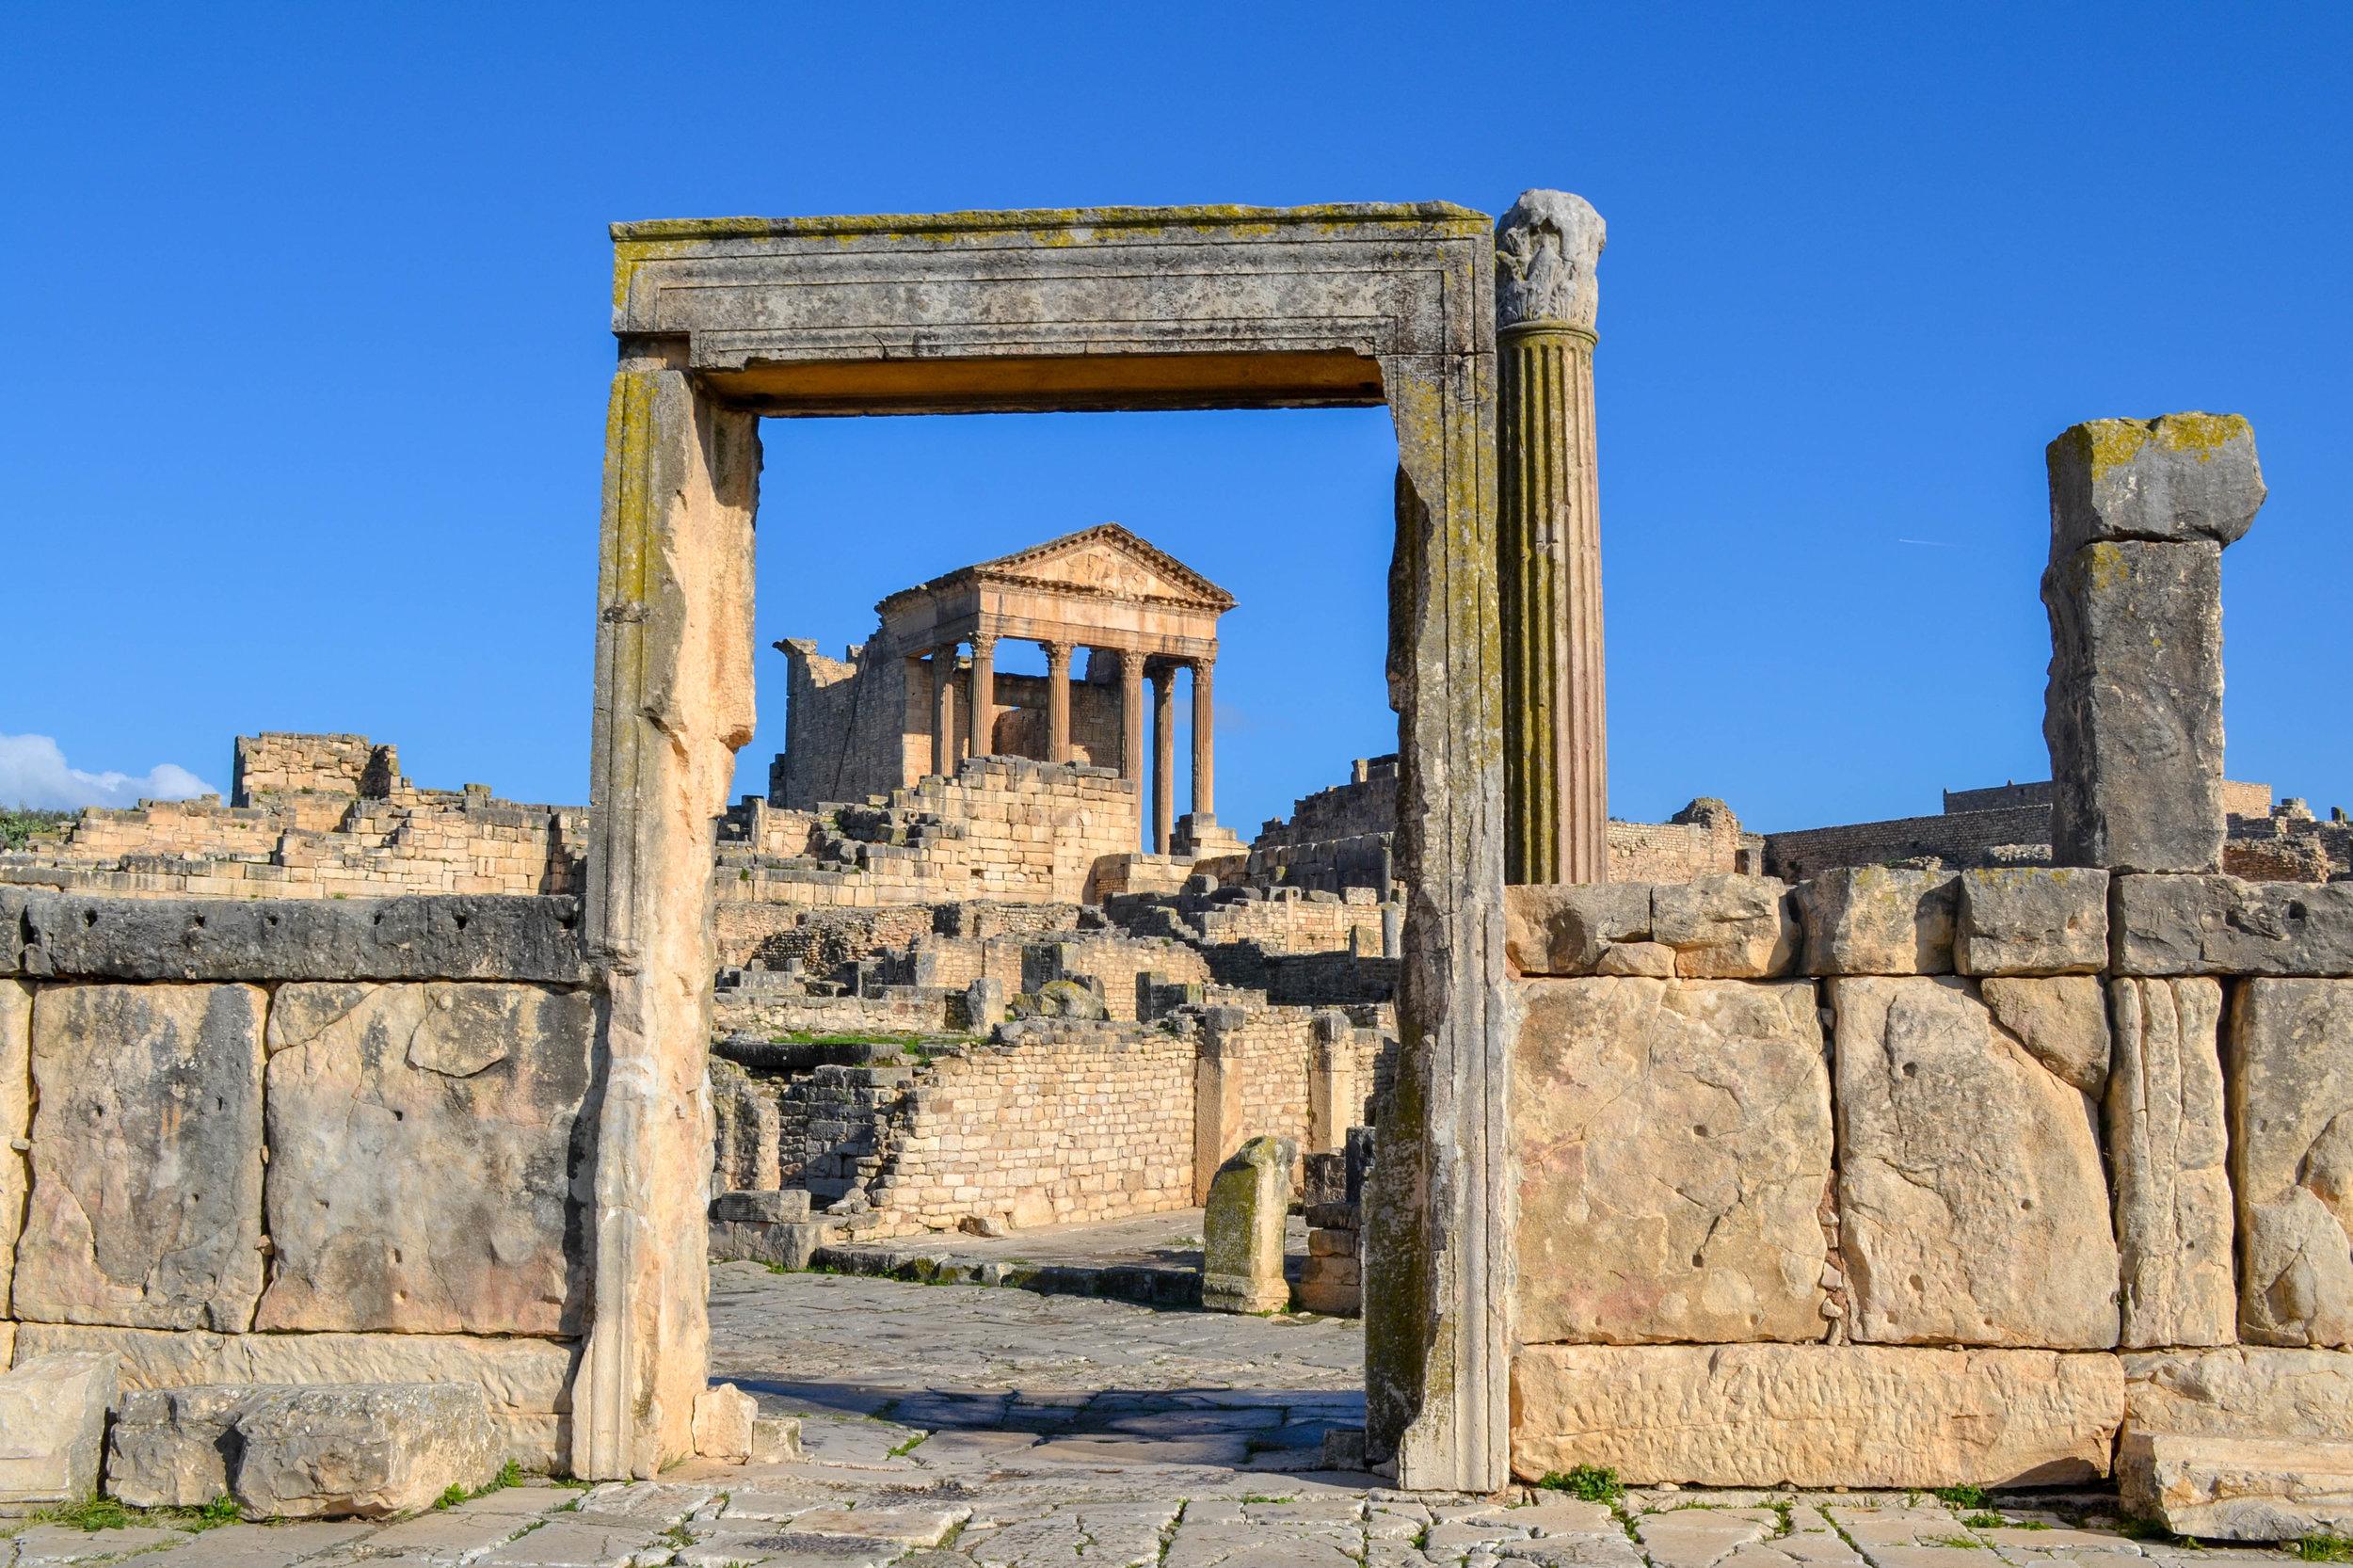 The ruins of Dougga in Tunisia